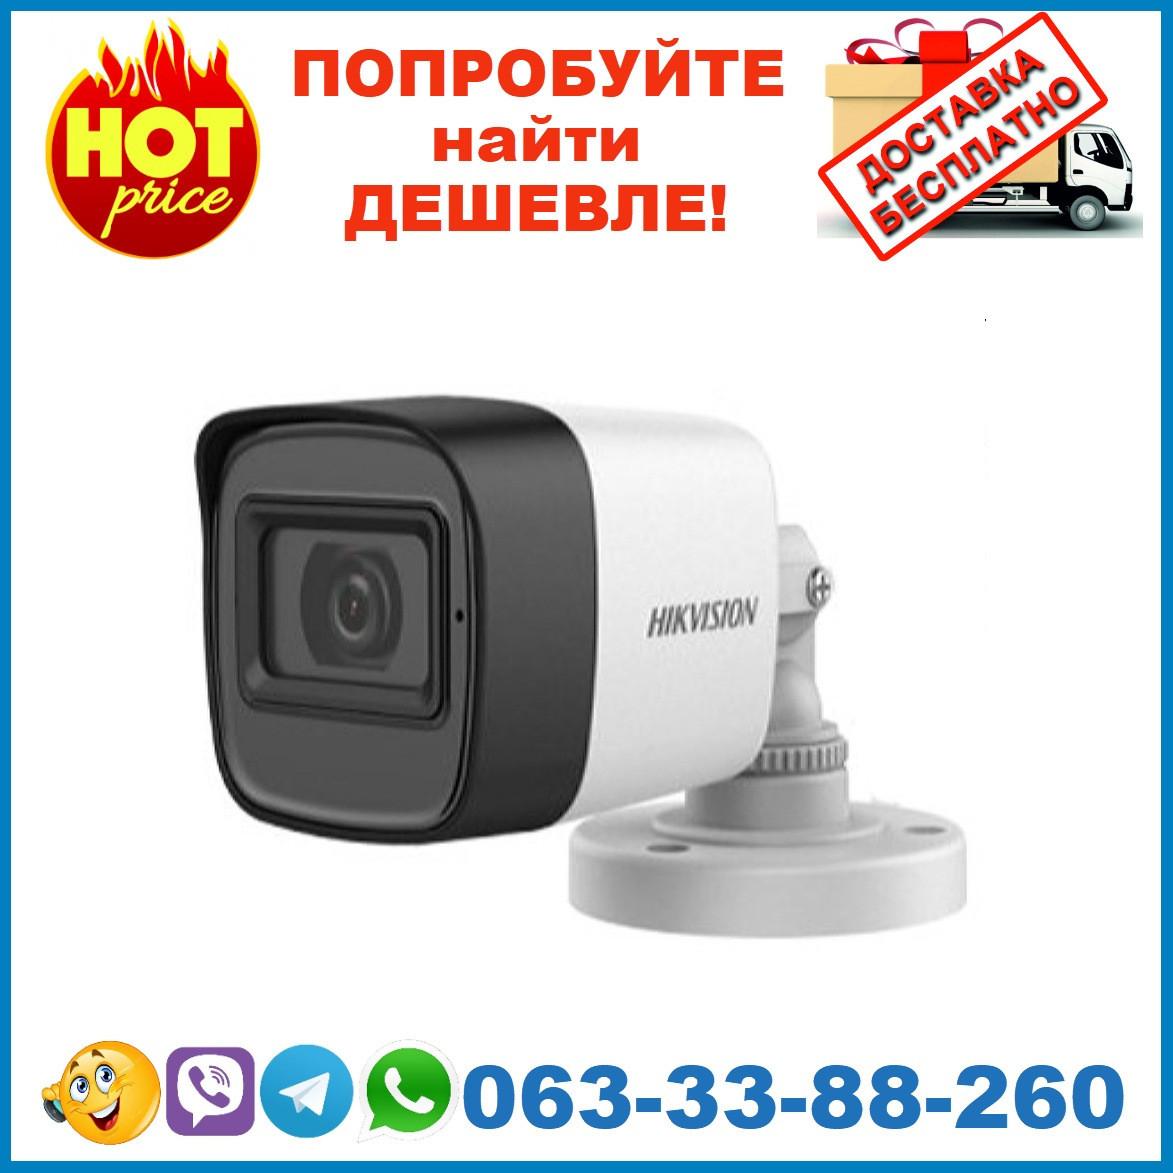 DS-2CE16H0T-ITFS (3.6 мм)  5Мп Turbo HD видеокамера Hikvision с встроенным микрофоном